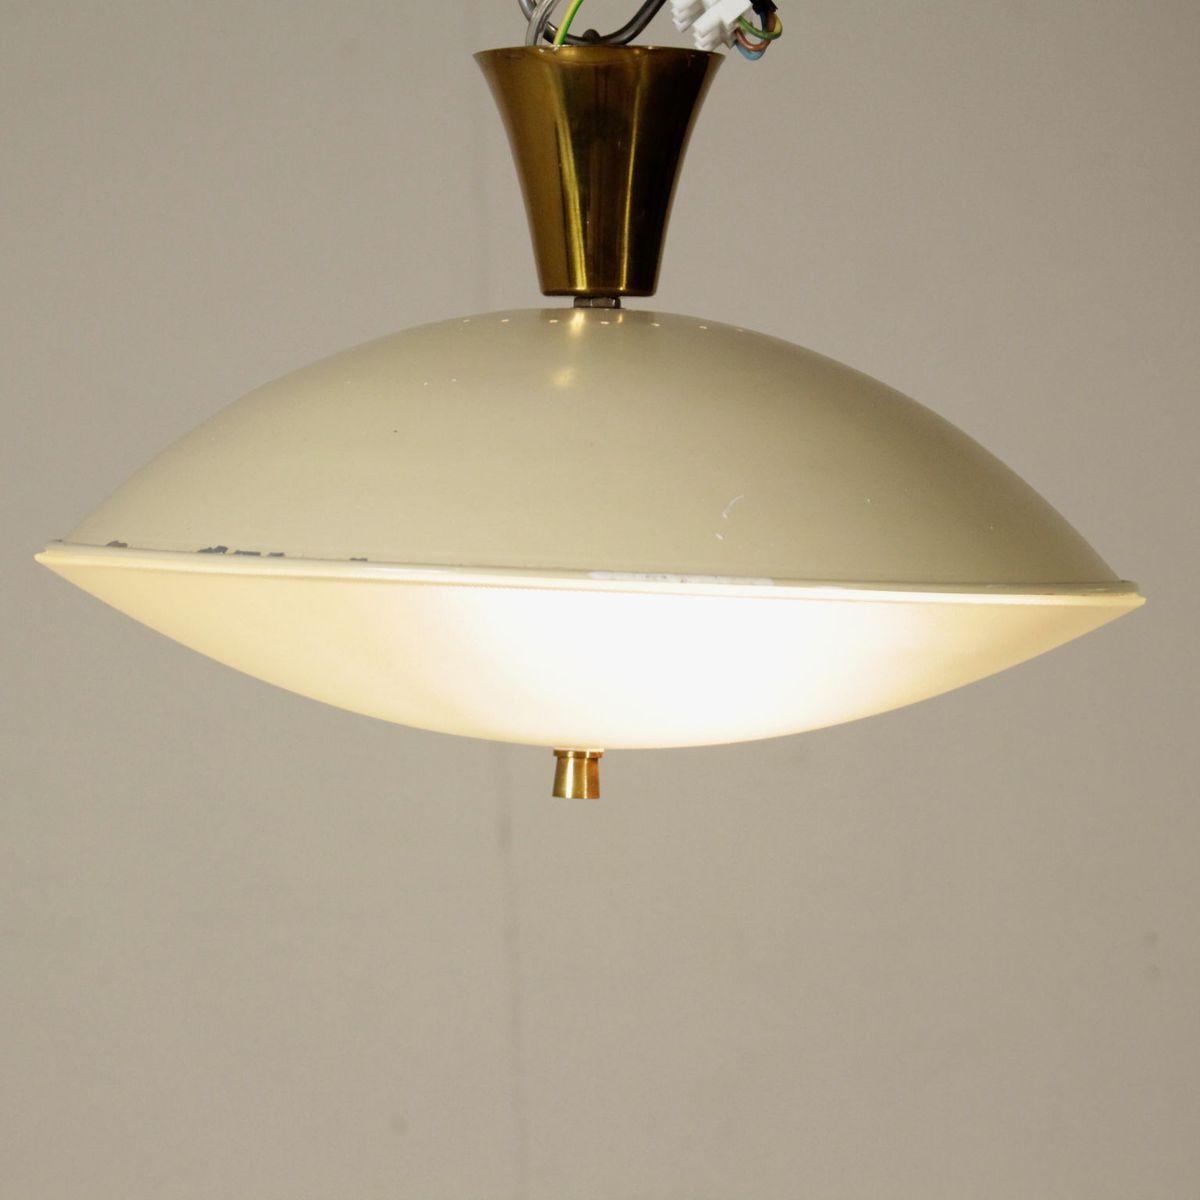 italienische deckenlampe aus messing glas und aluminium 1950er bei pamono kaufen. Black Bedroom Furniture Sets. Home Design Ideas